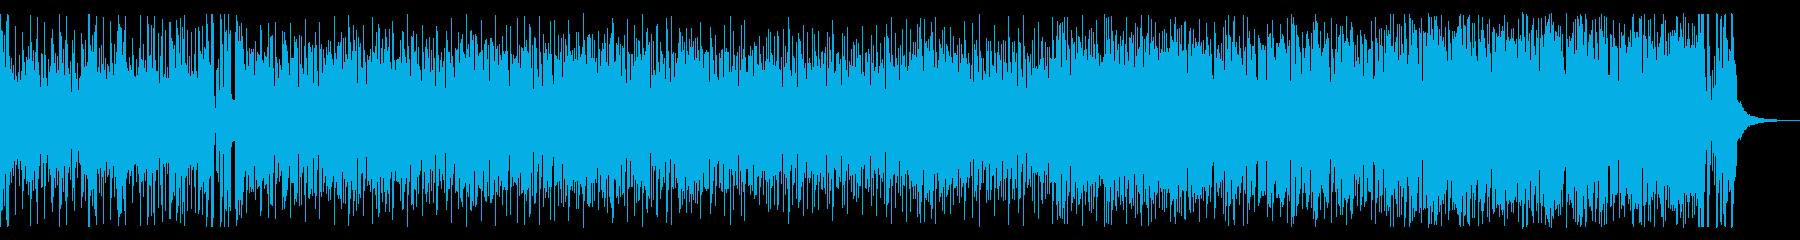 トランペットが明るく陽気なジャズサンバの再生済みの波形